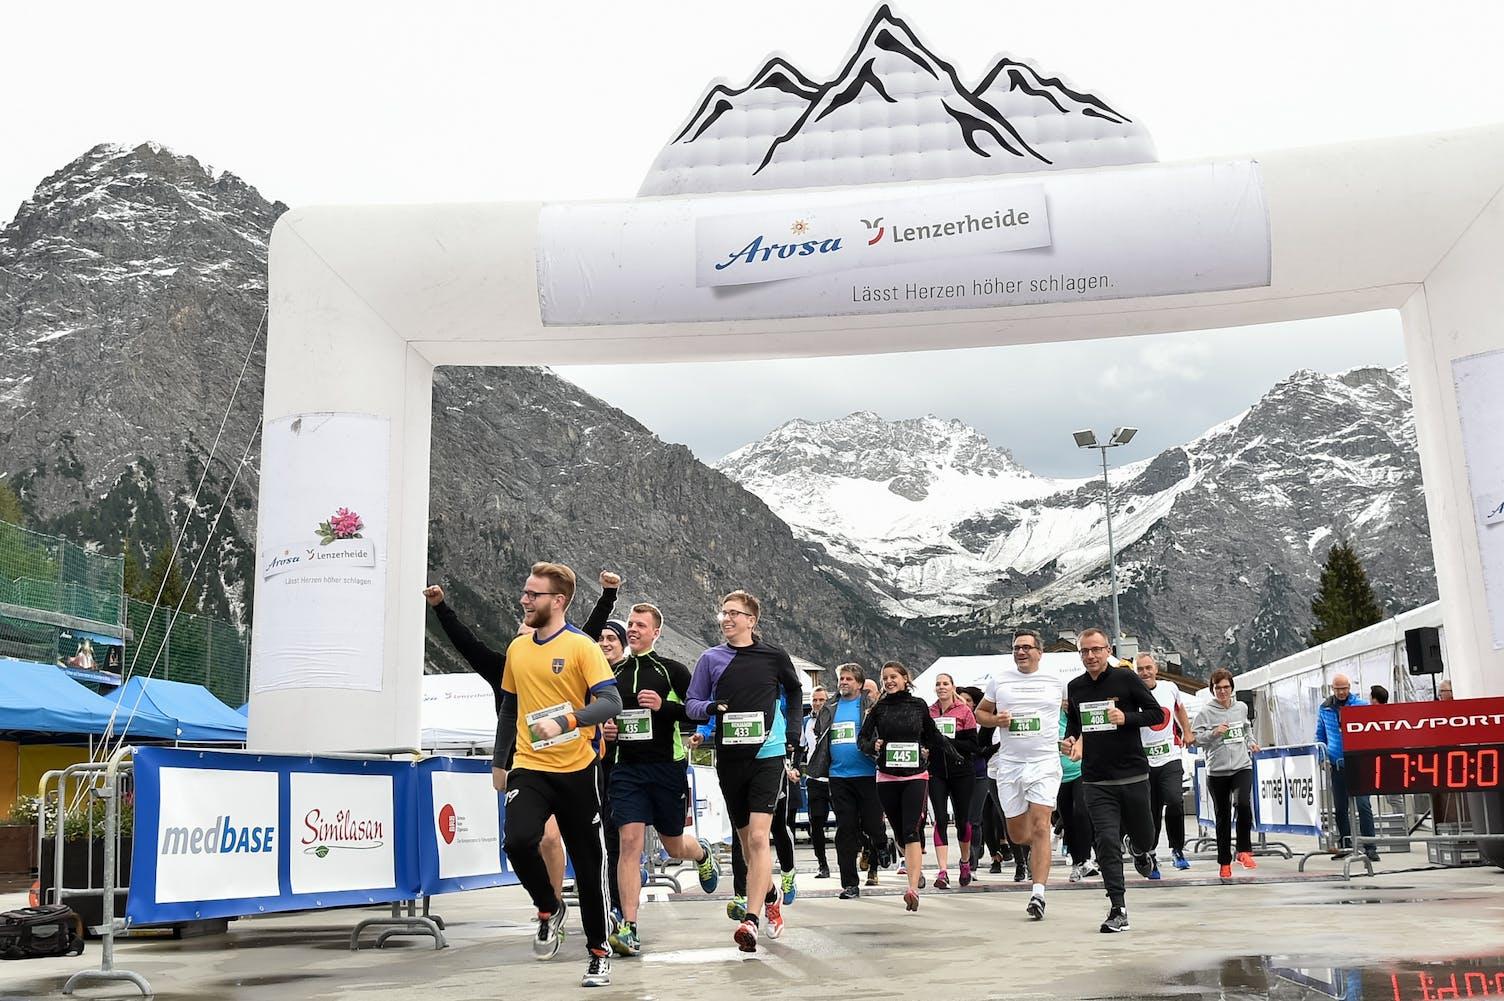 Swiss Management Run